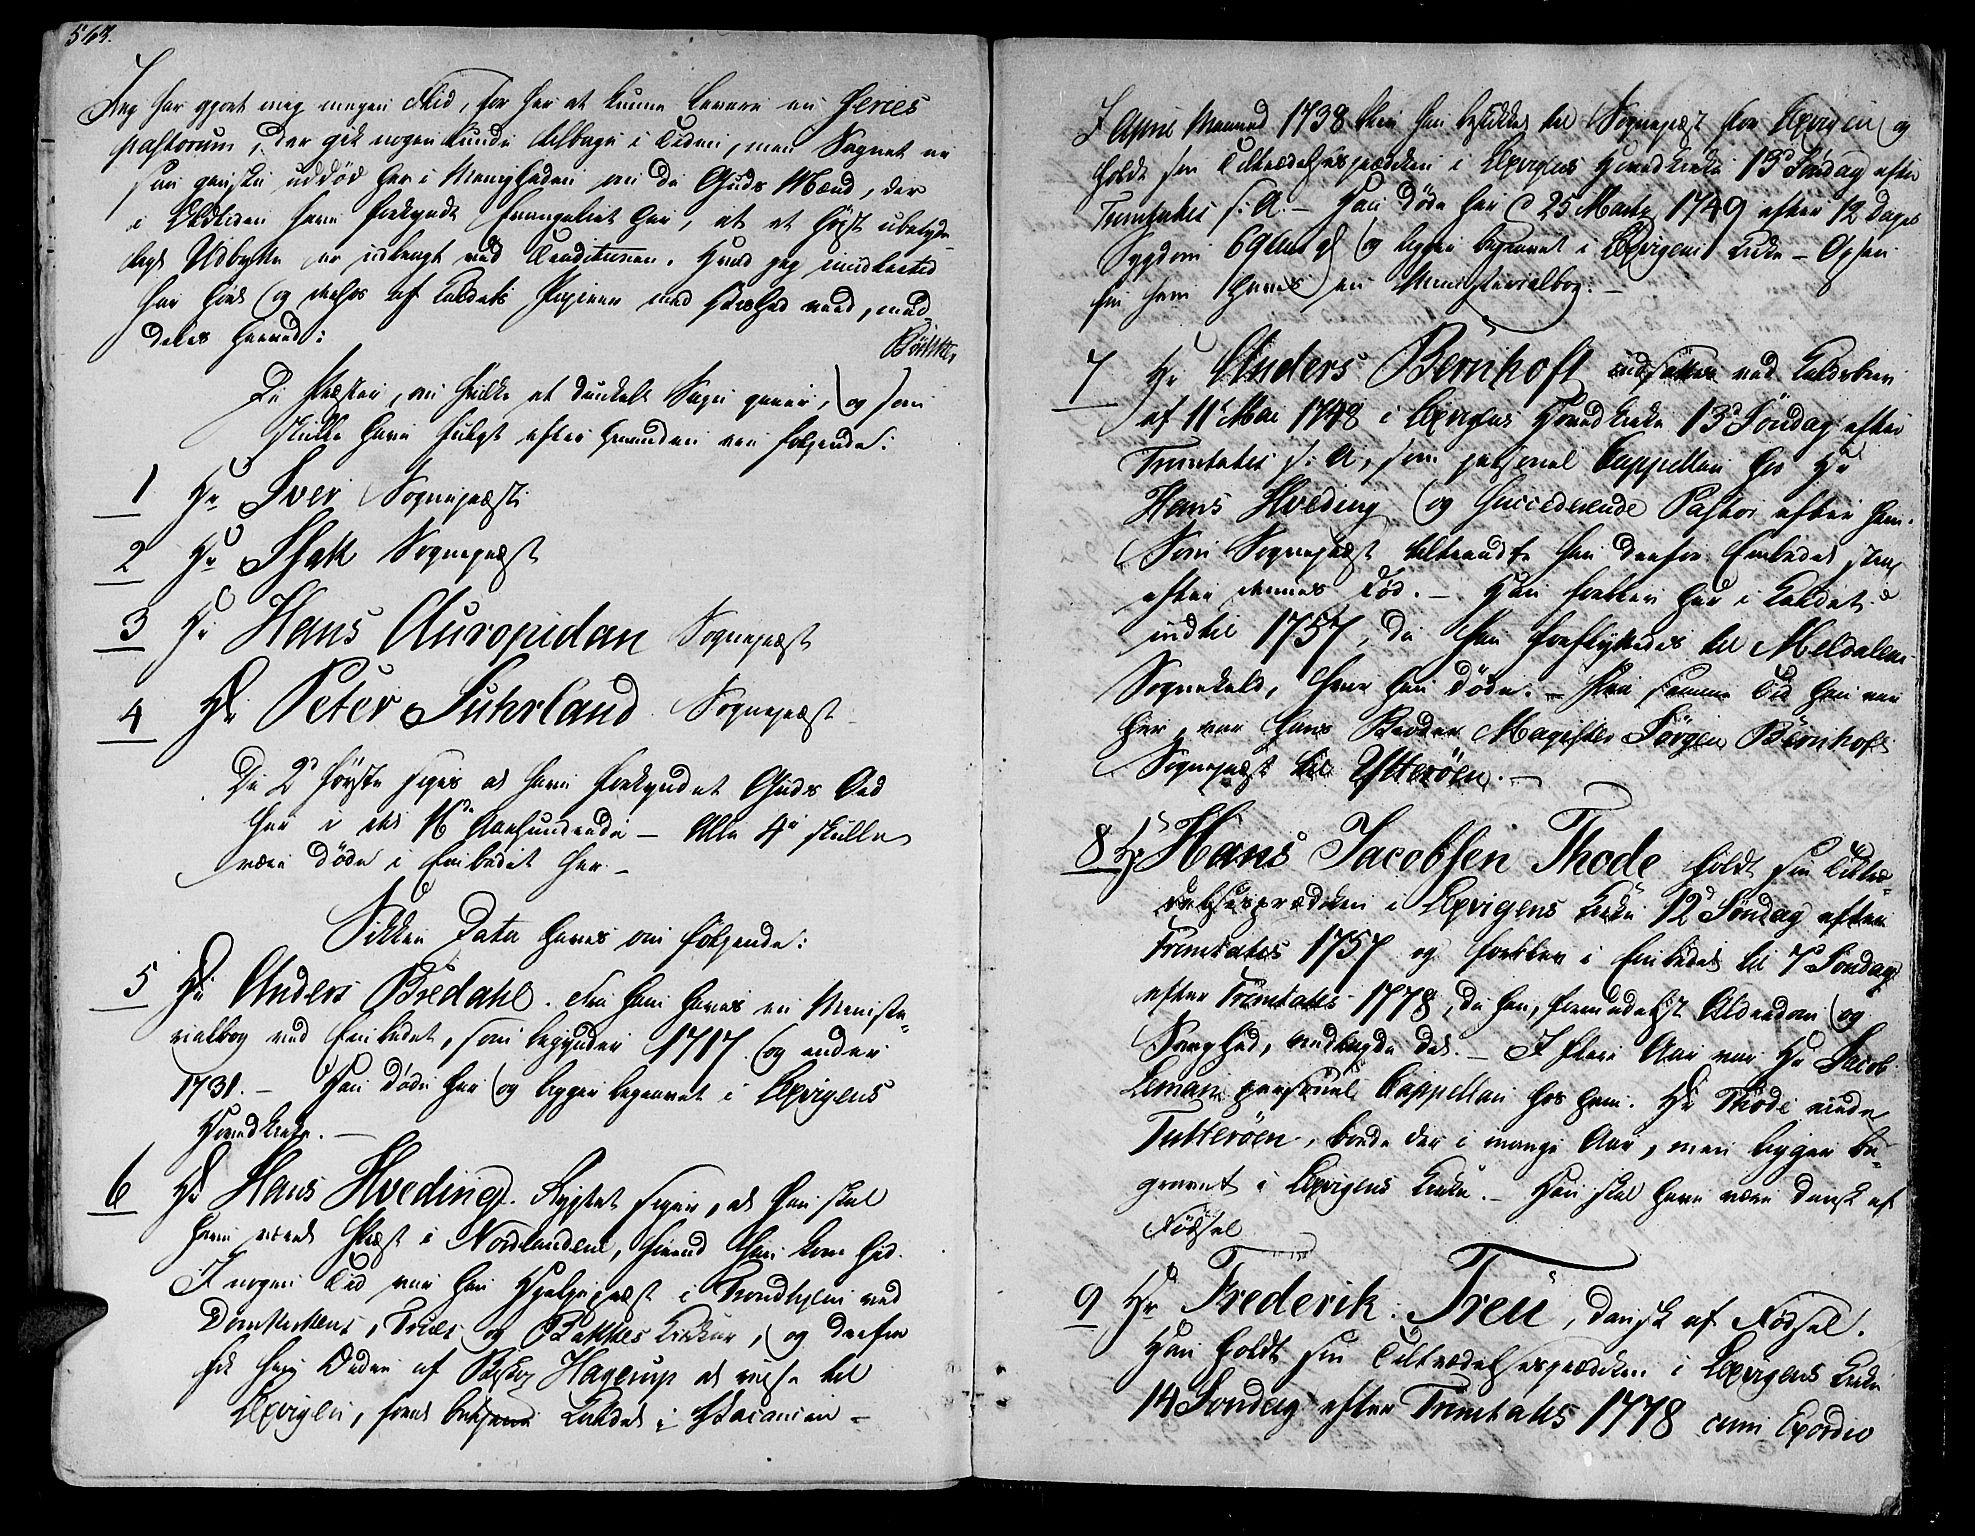 SAT, Ministerialprotokoller, klokkerbøker og fødselsregistre - Nord-Trøndelag, 701/L0006: Ministerialbok nr. 701A06, 1825-1841, s. 563